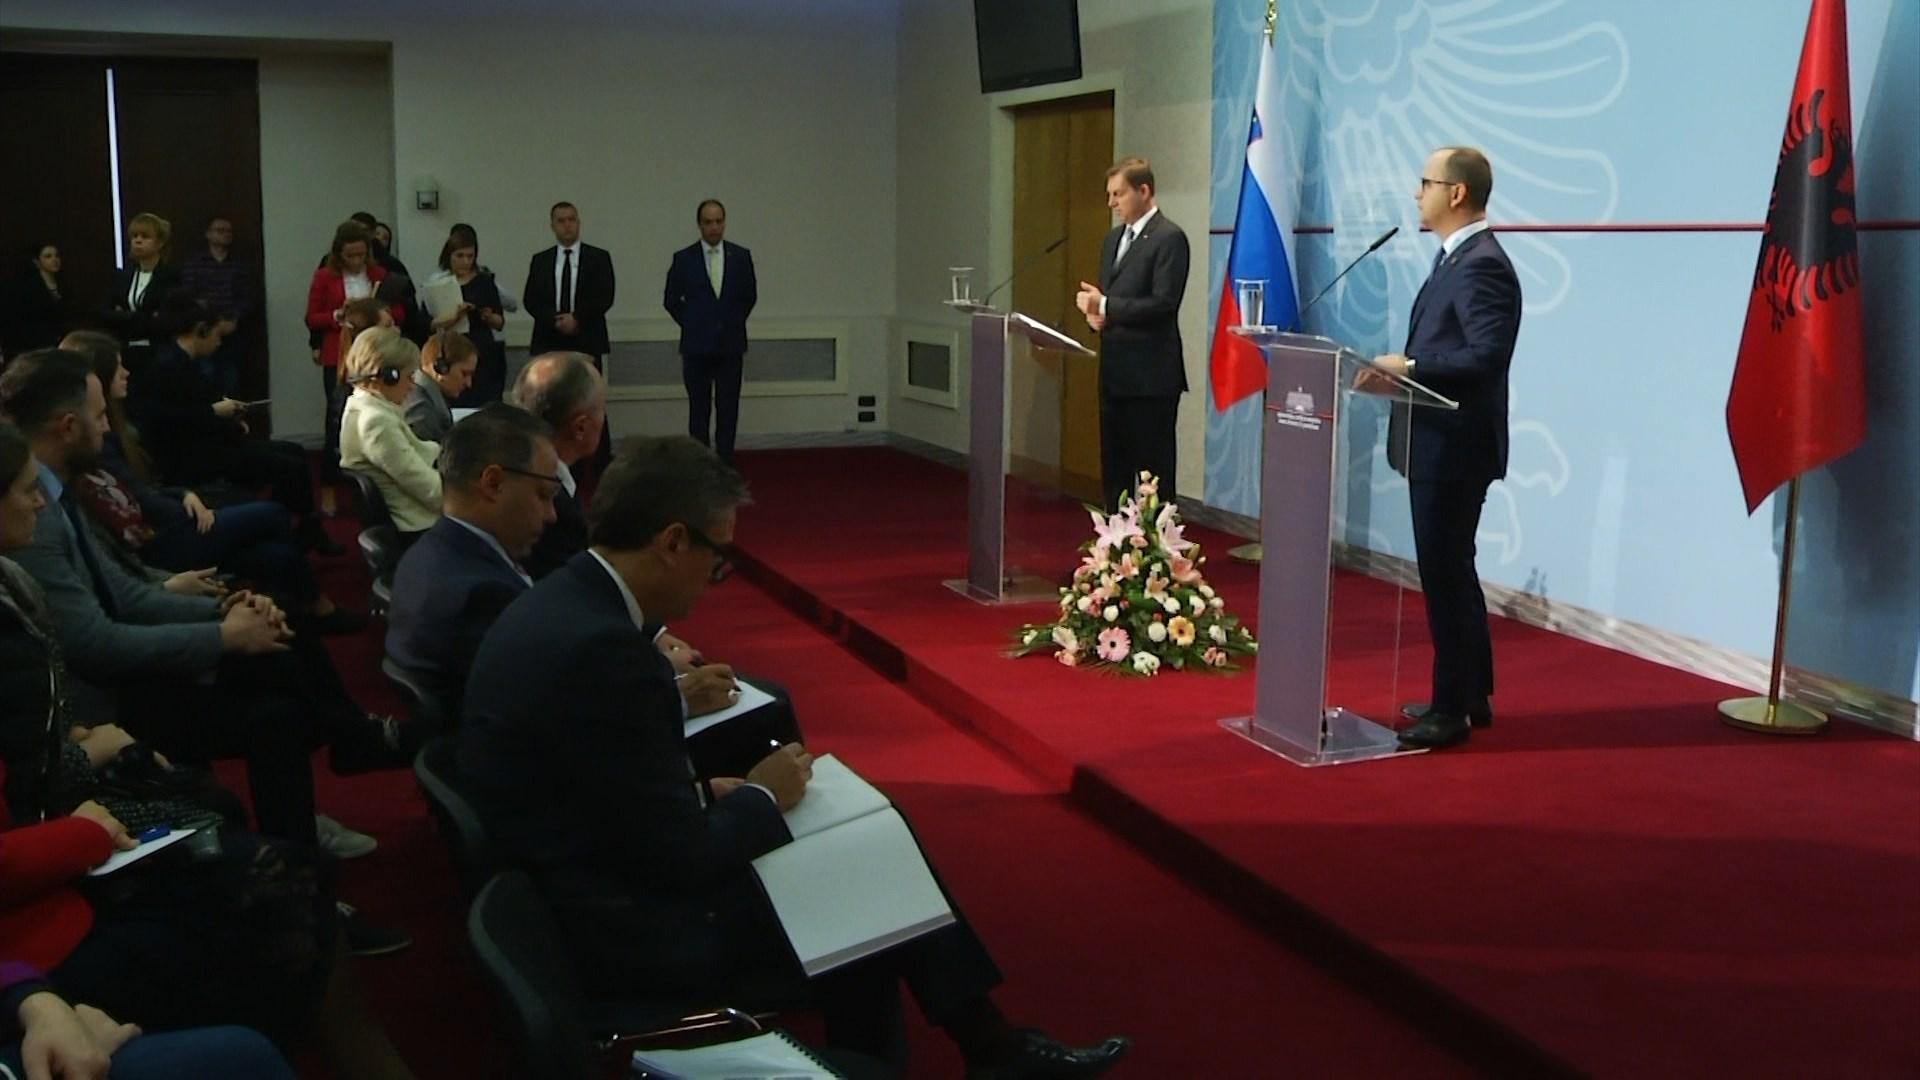 Bushati-Cerar: Të intensifikojmë marrëdhëniet tregtare mes Shqipërisë dhe Sllovenisë